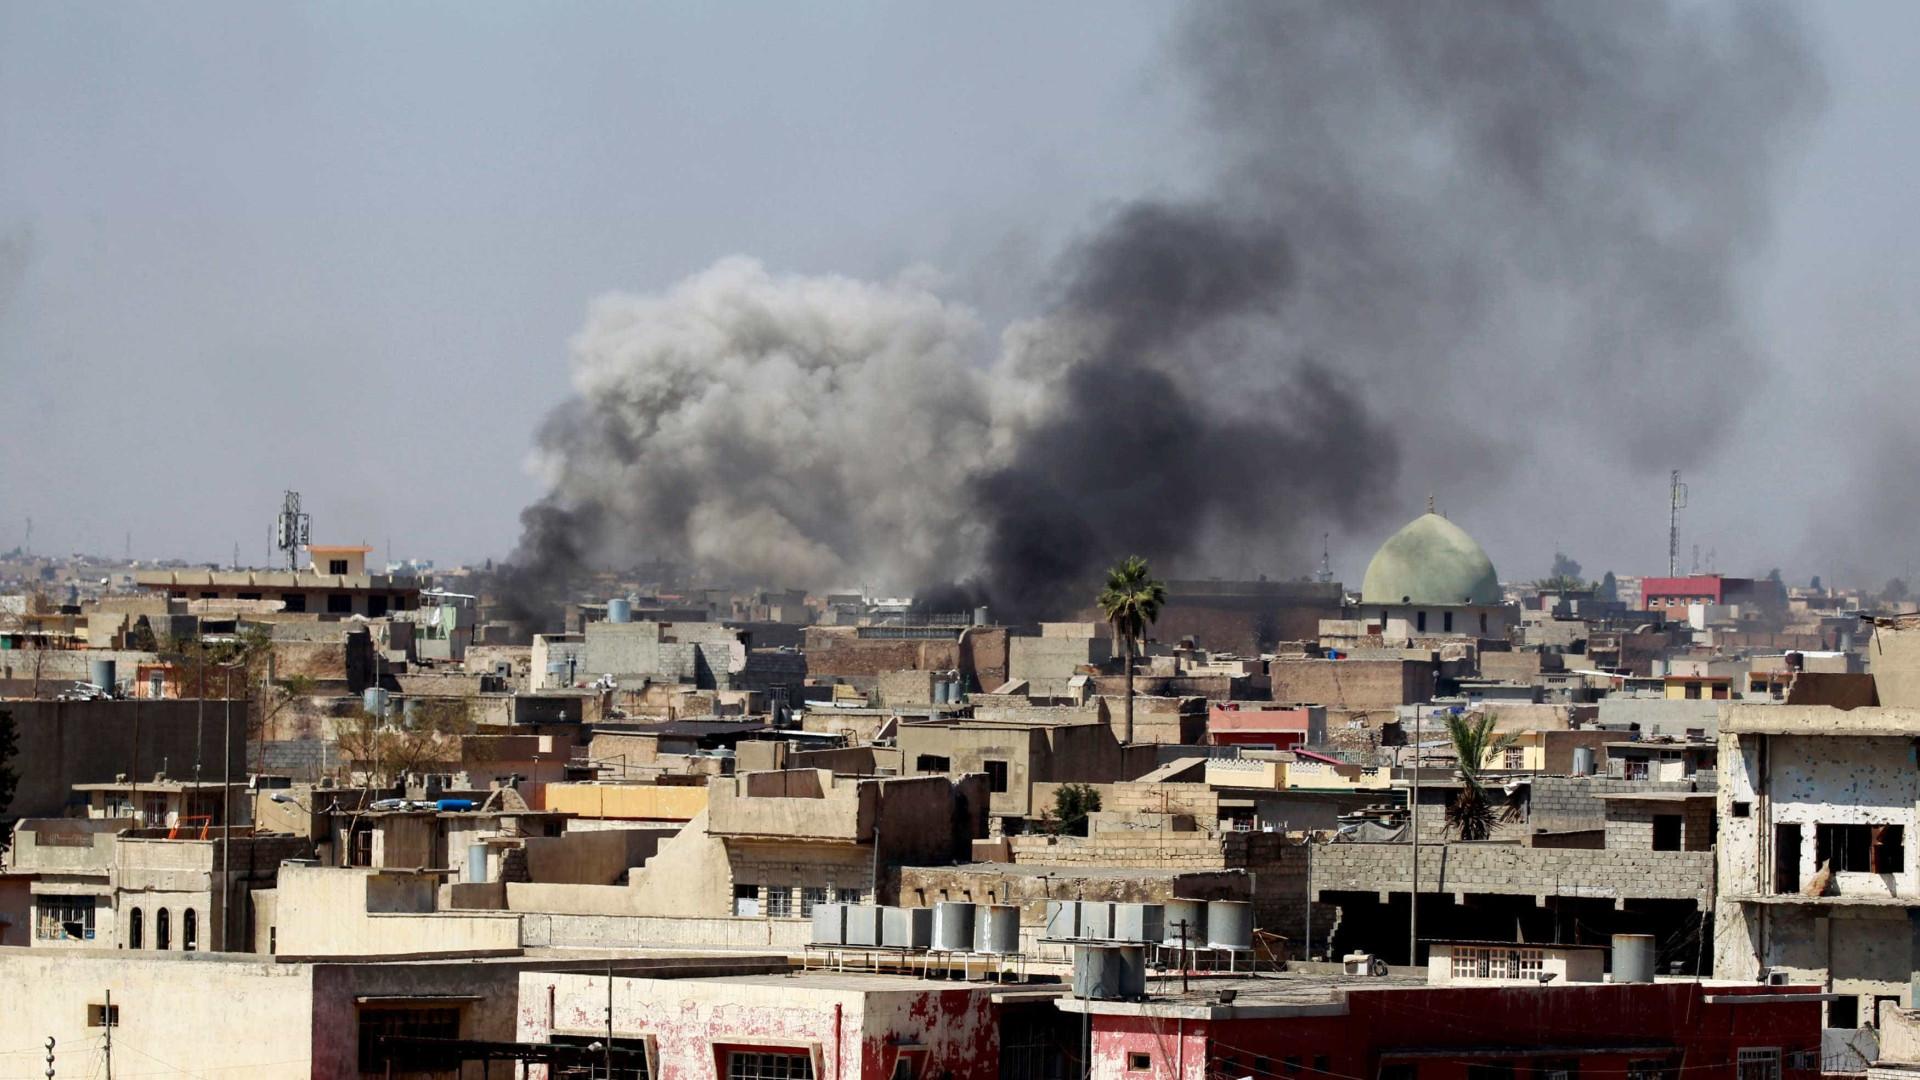 Morreu jornalista francês vítima de explosão numa mina em Mossul